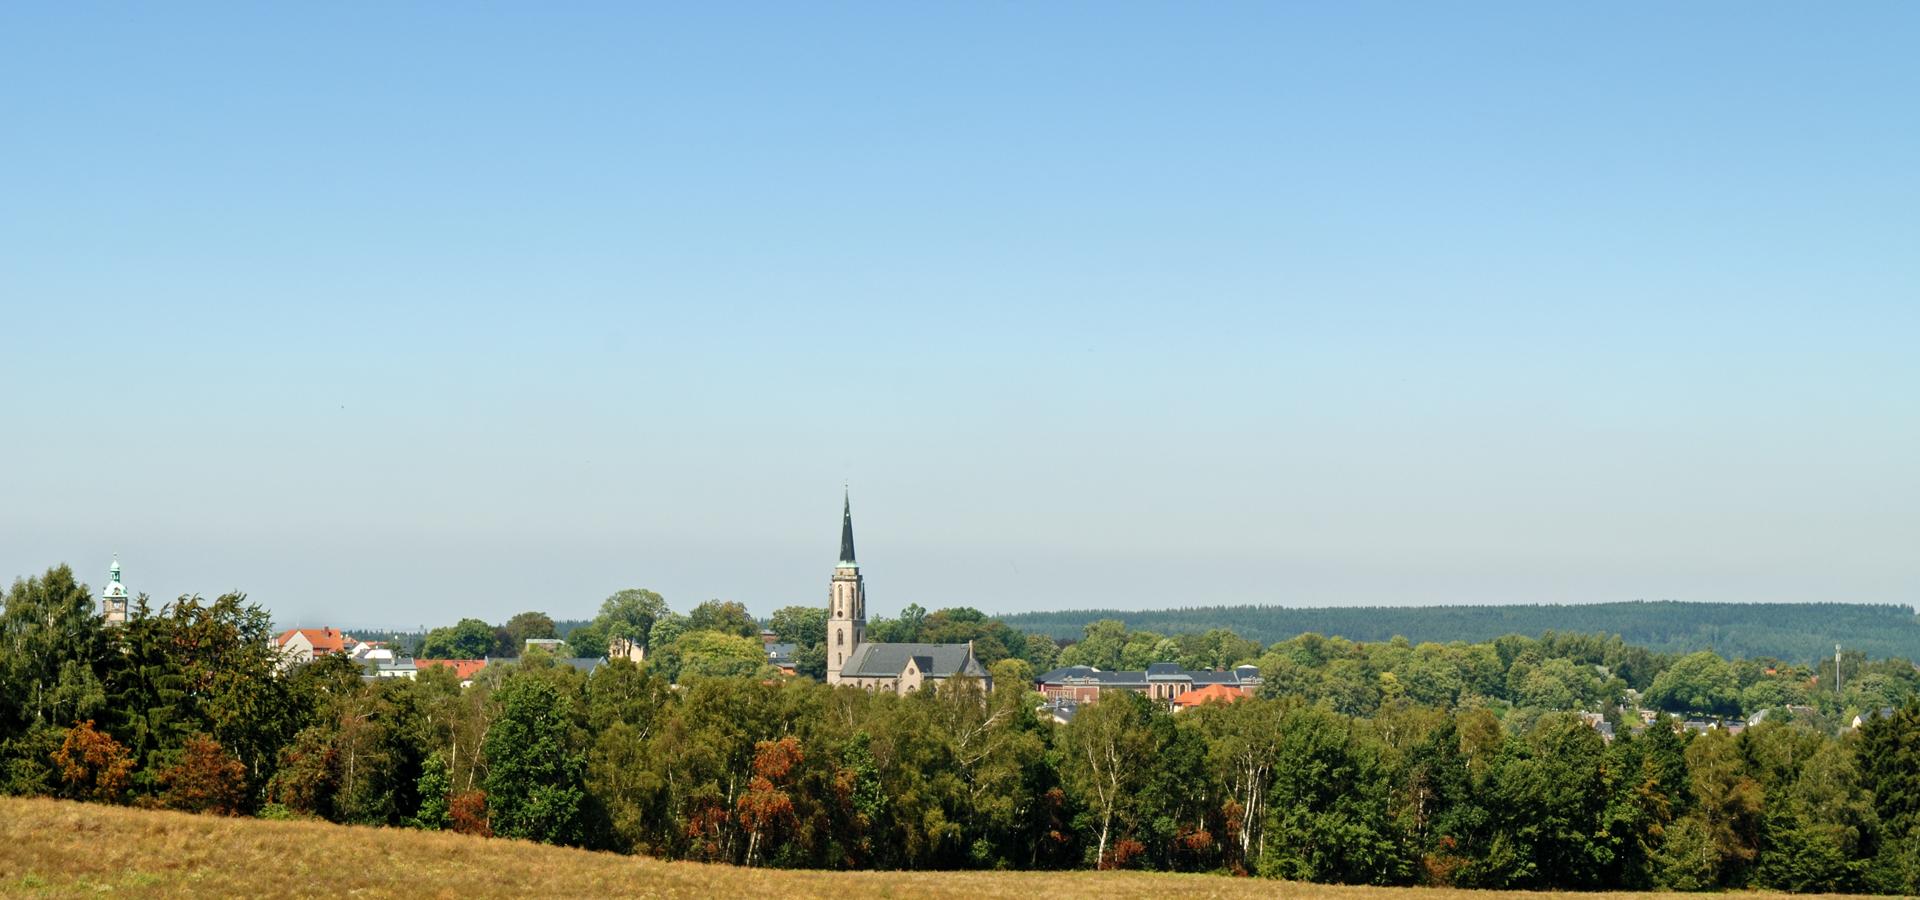 Peer-to-peer advisory in Regensburg, Bavaria, Germany